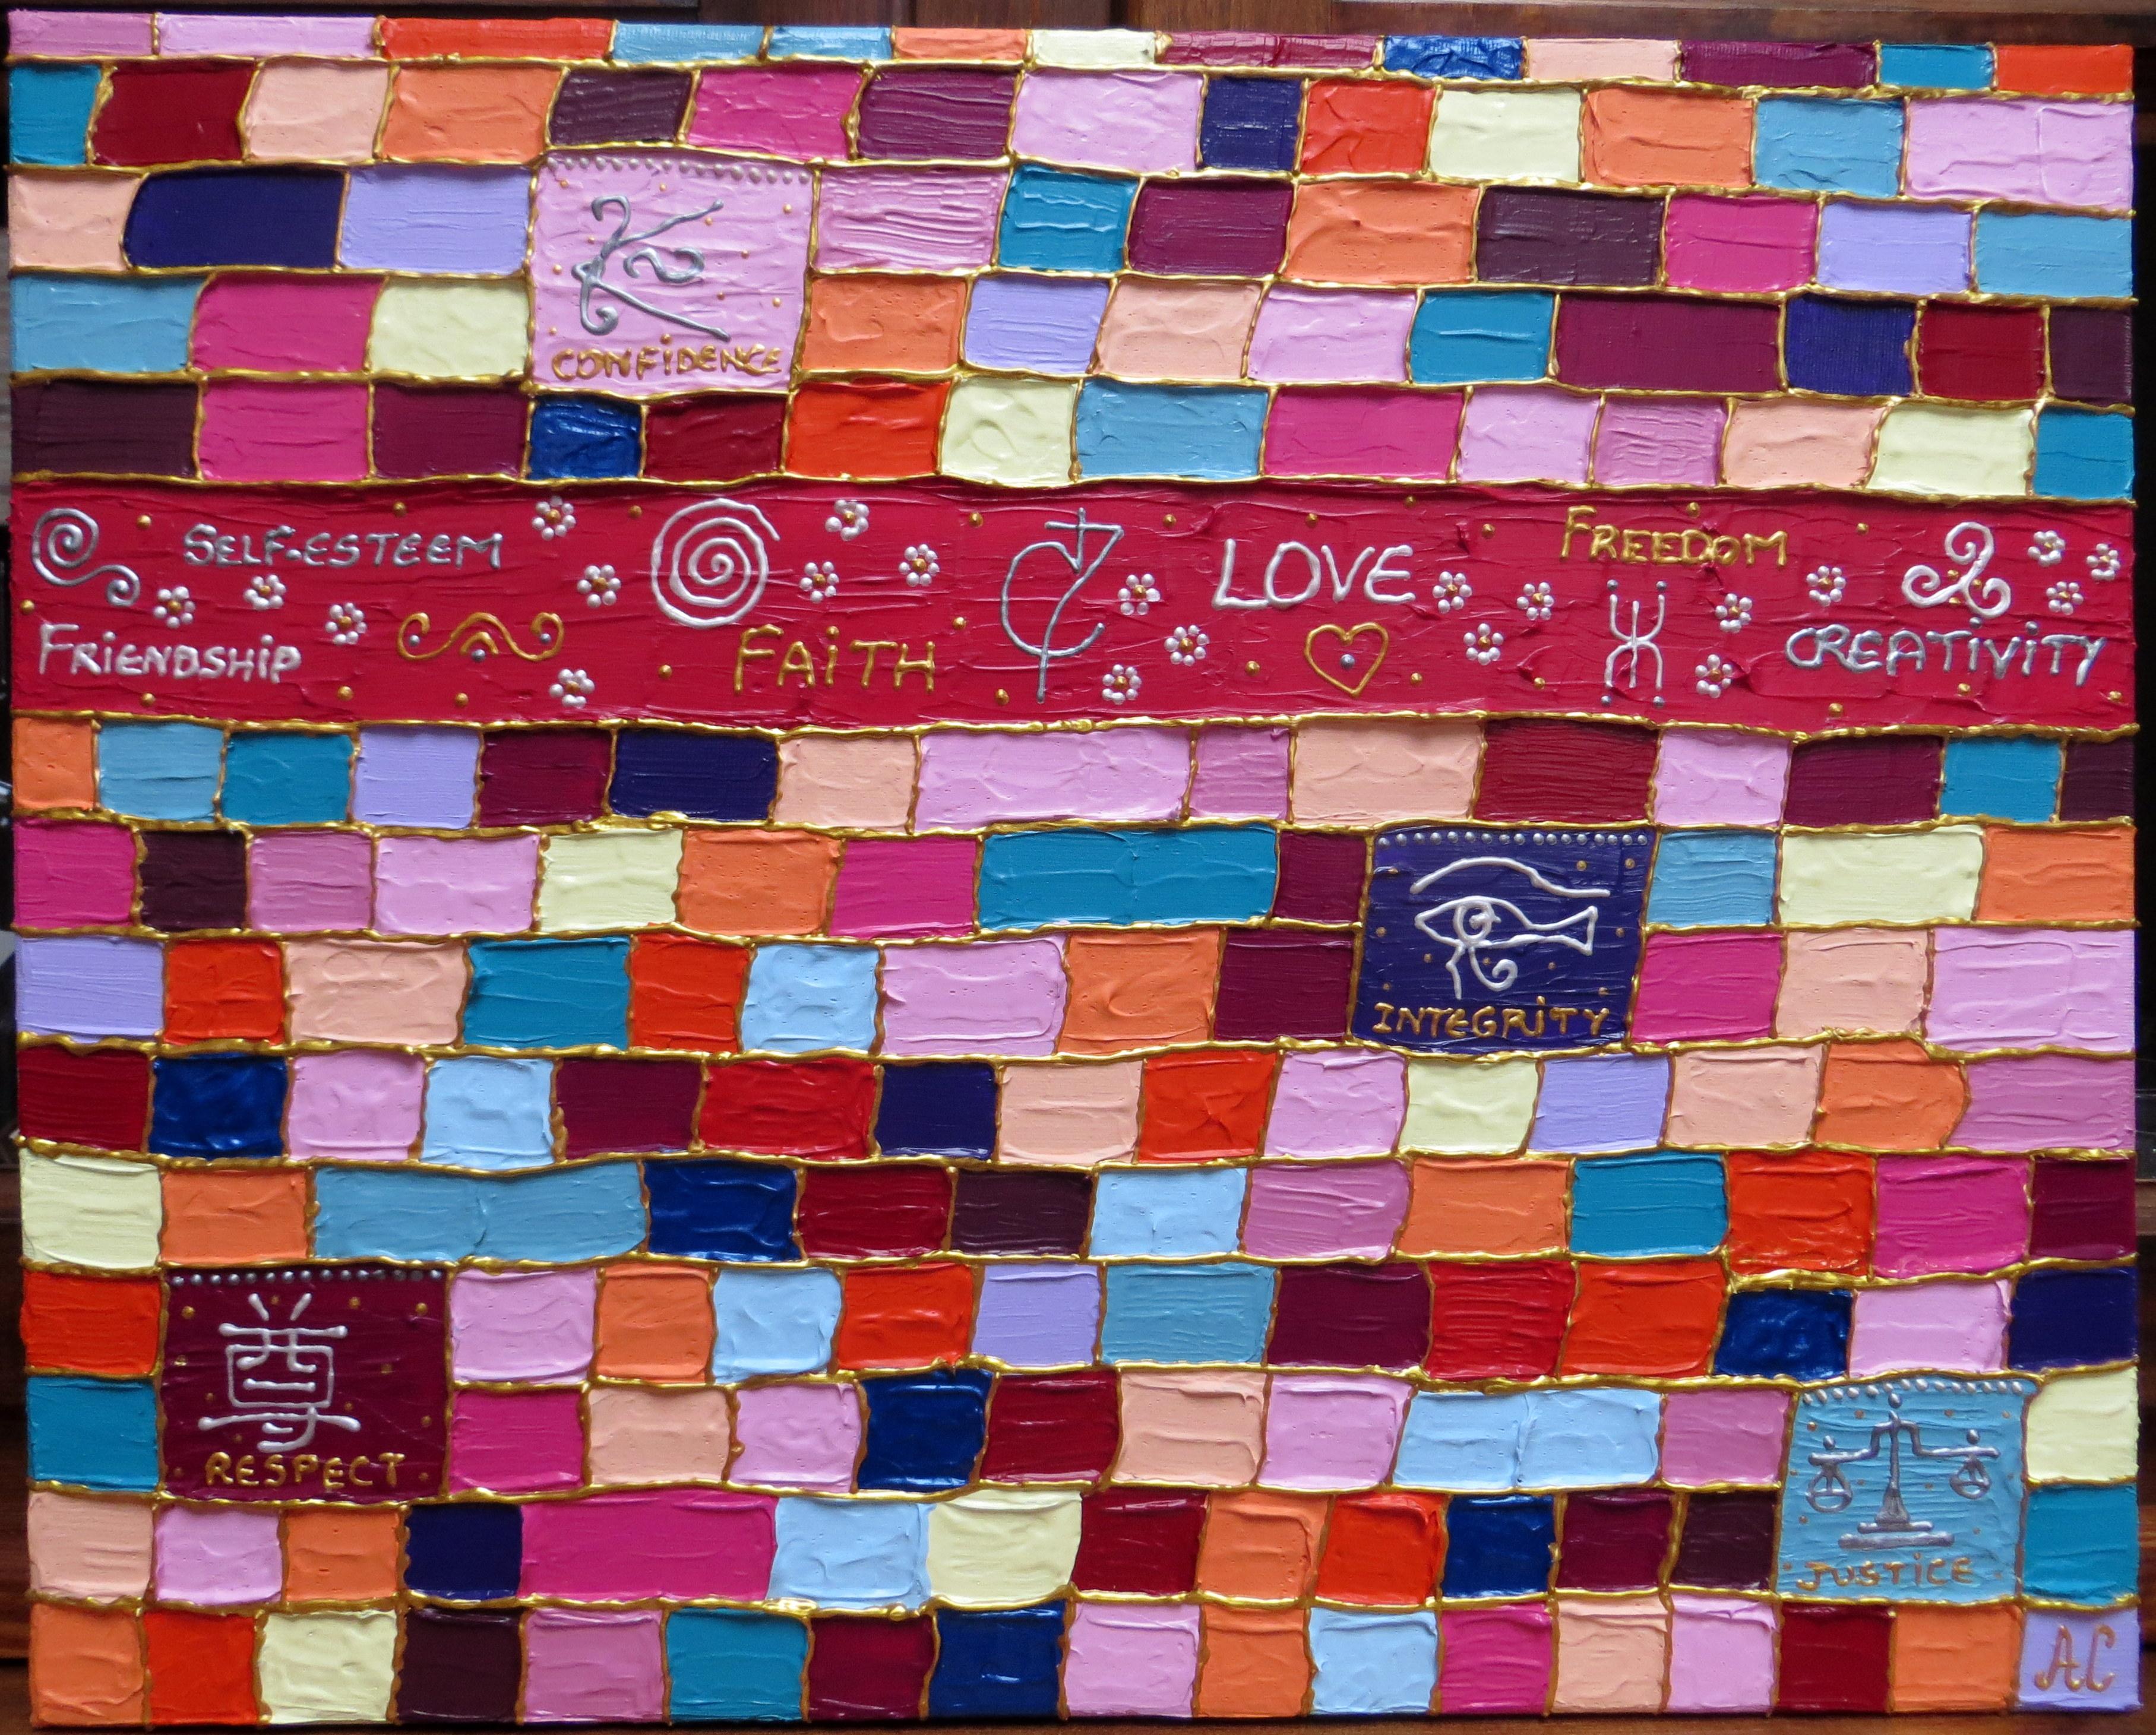 Le Mur des mes Valeurs